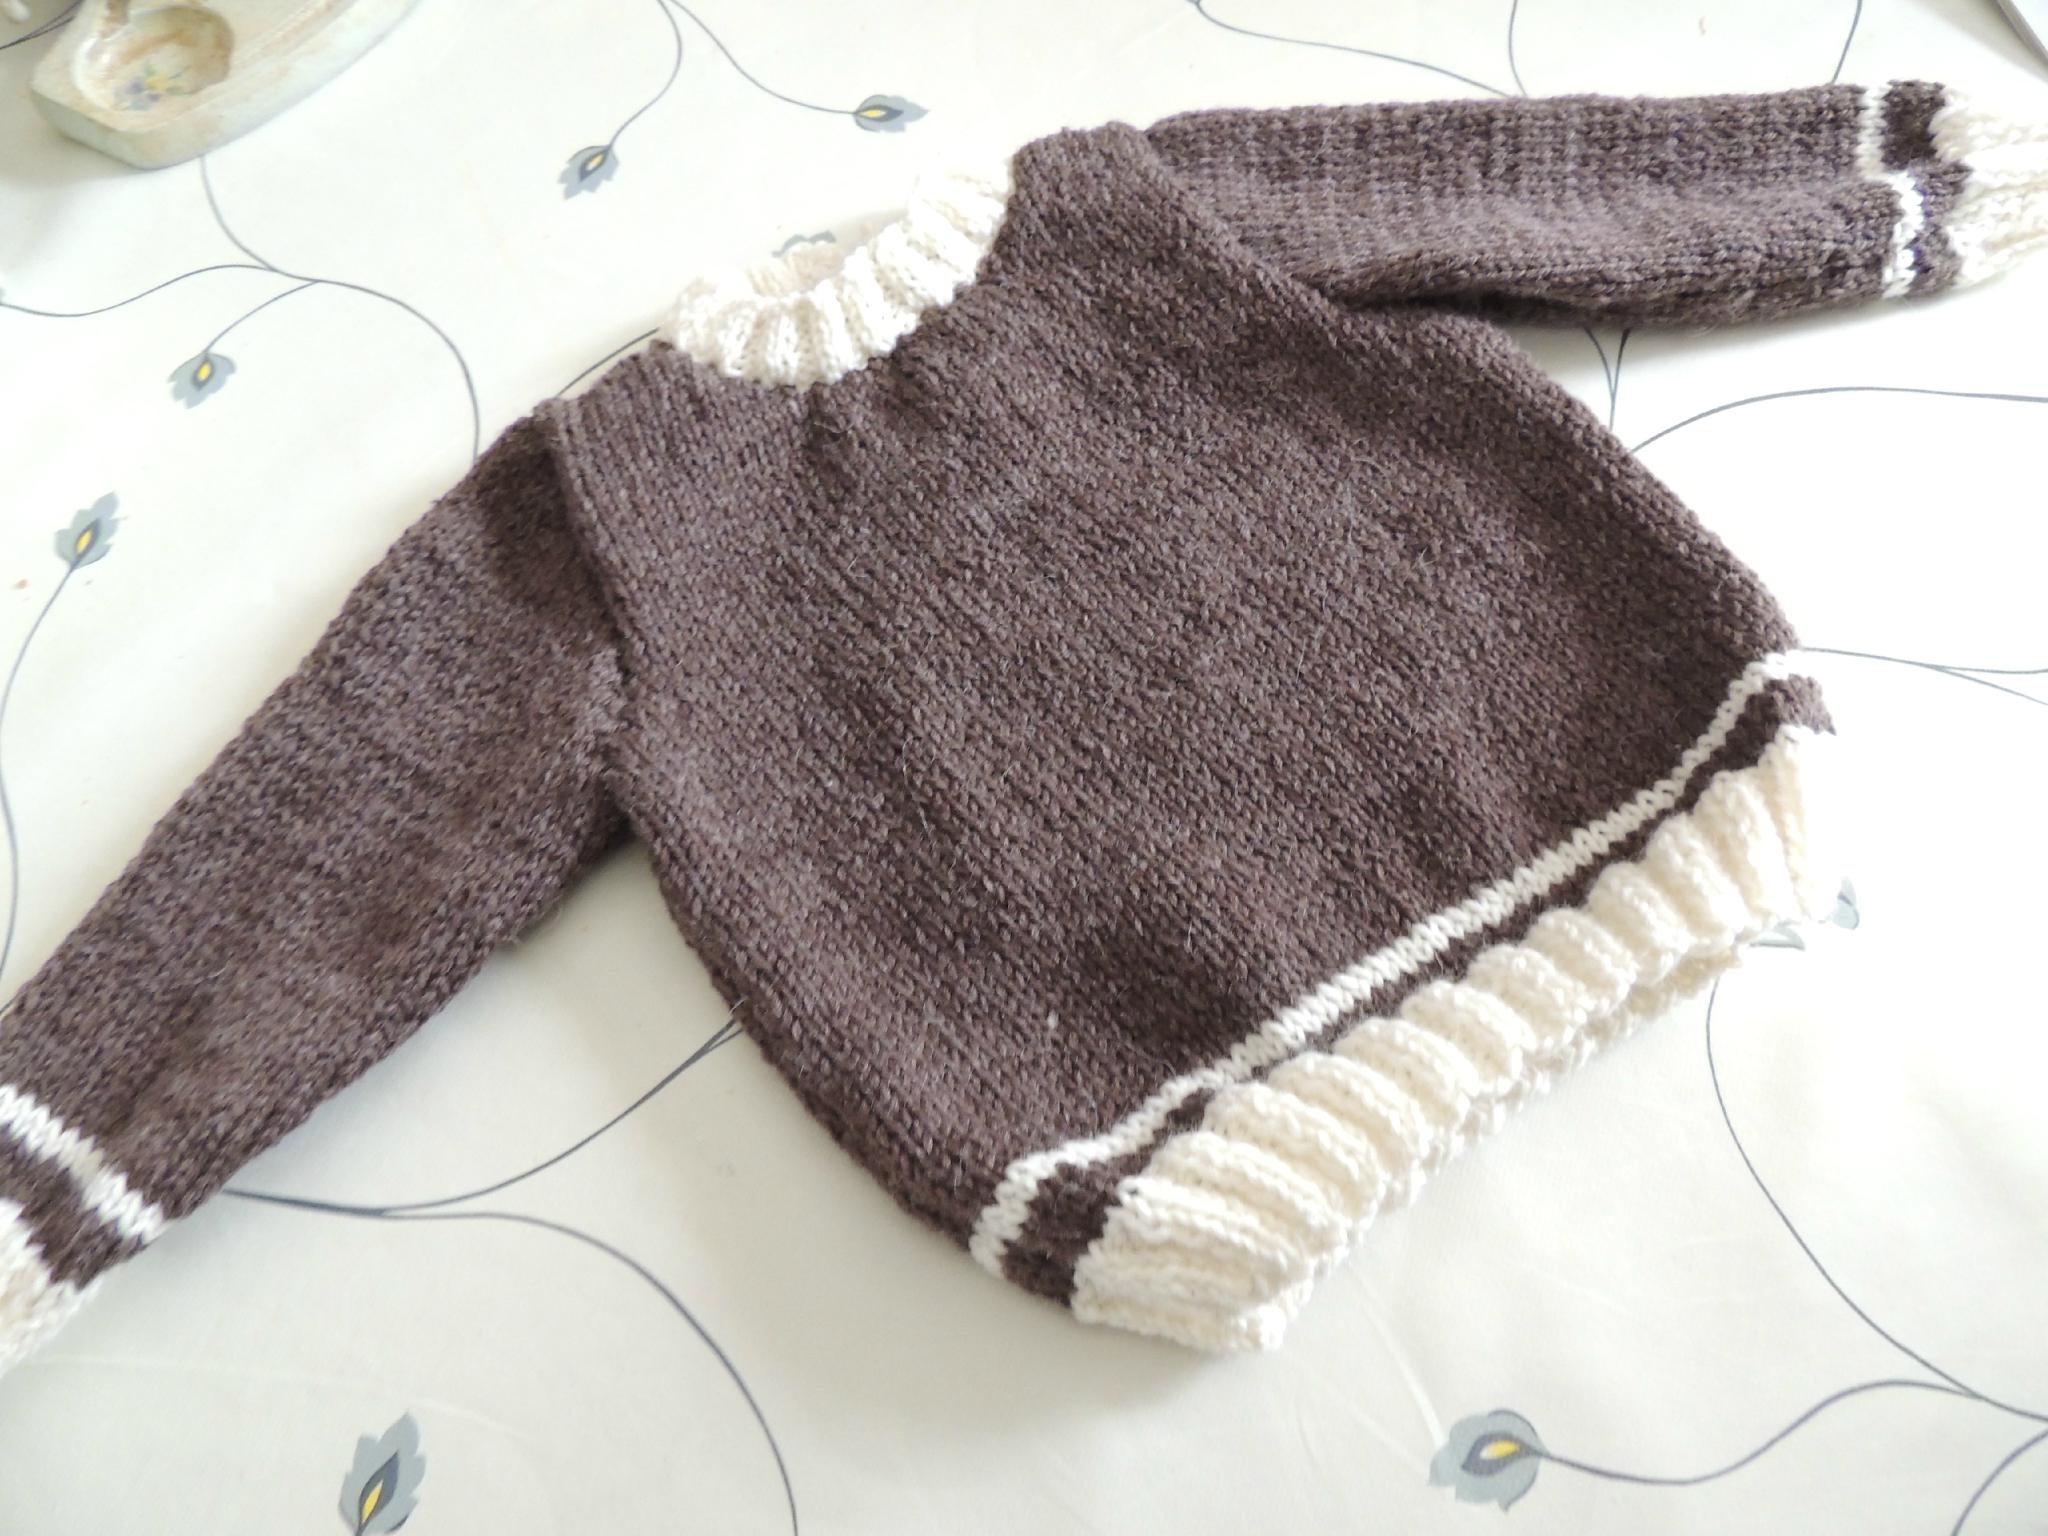 Modele tricot pull fille 2 ans gratuit - Chapka, doudoune, pull & Vetement d'hiver